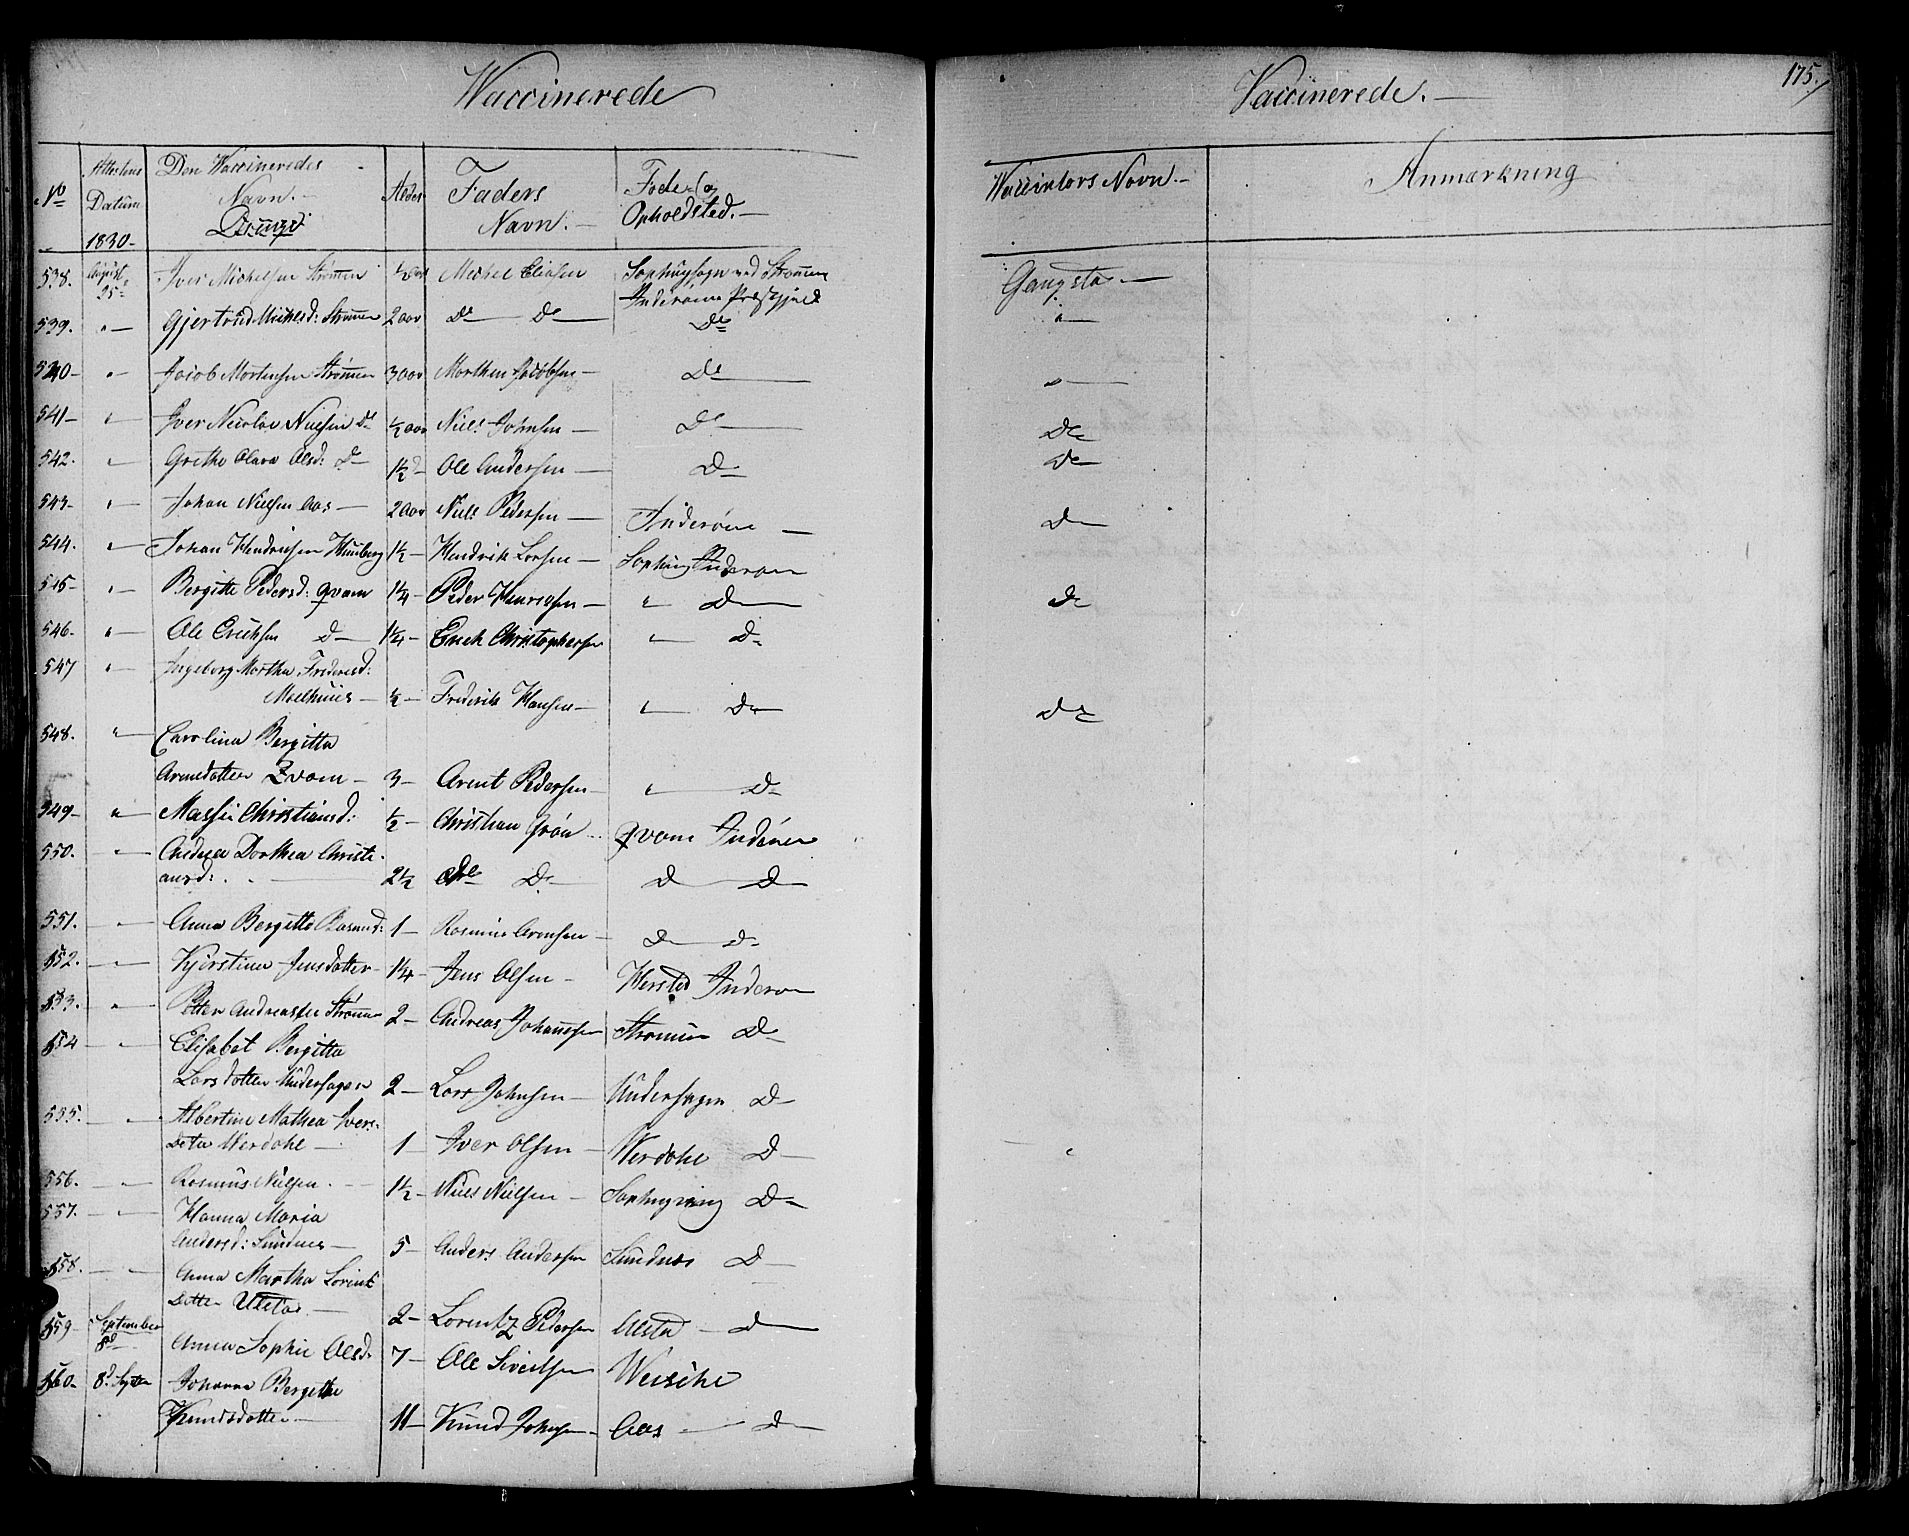 SAT, Ministerialprotokoller, klokkerbøker og fødselsregistre - Nord-Trøndelag, 730/L0277: Ministerialbok nr. 730A06 /1, 1830-1839, s. 175